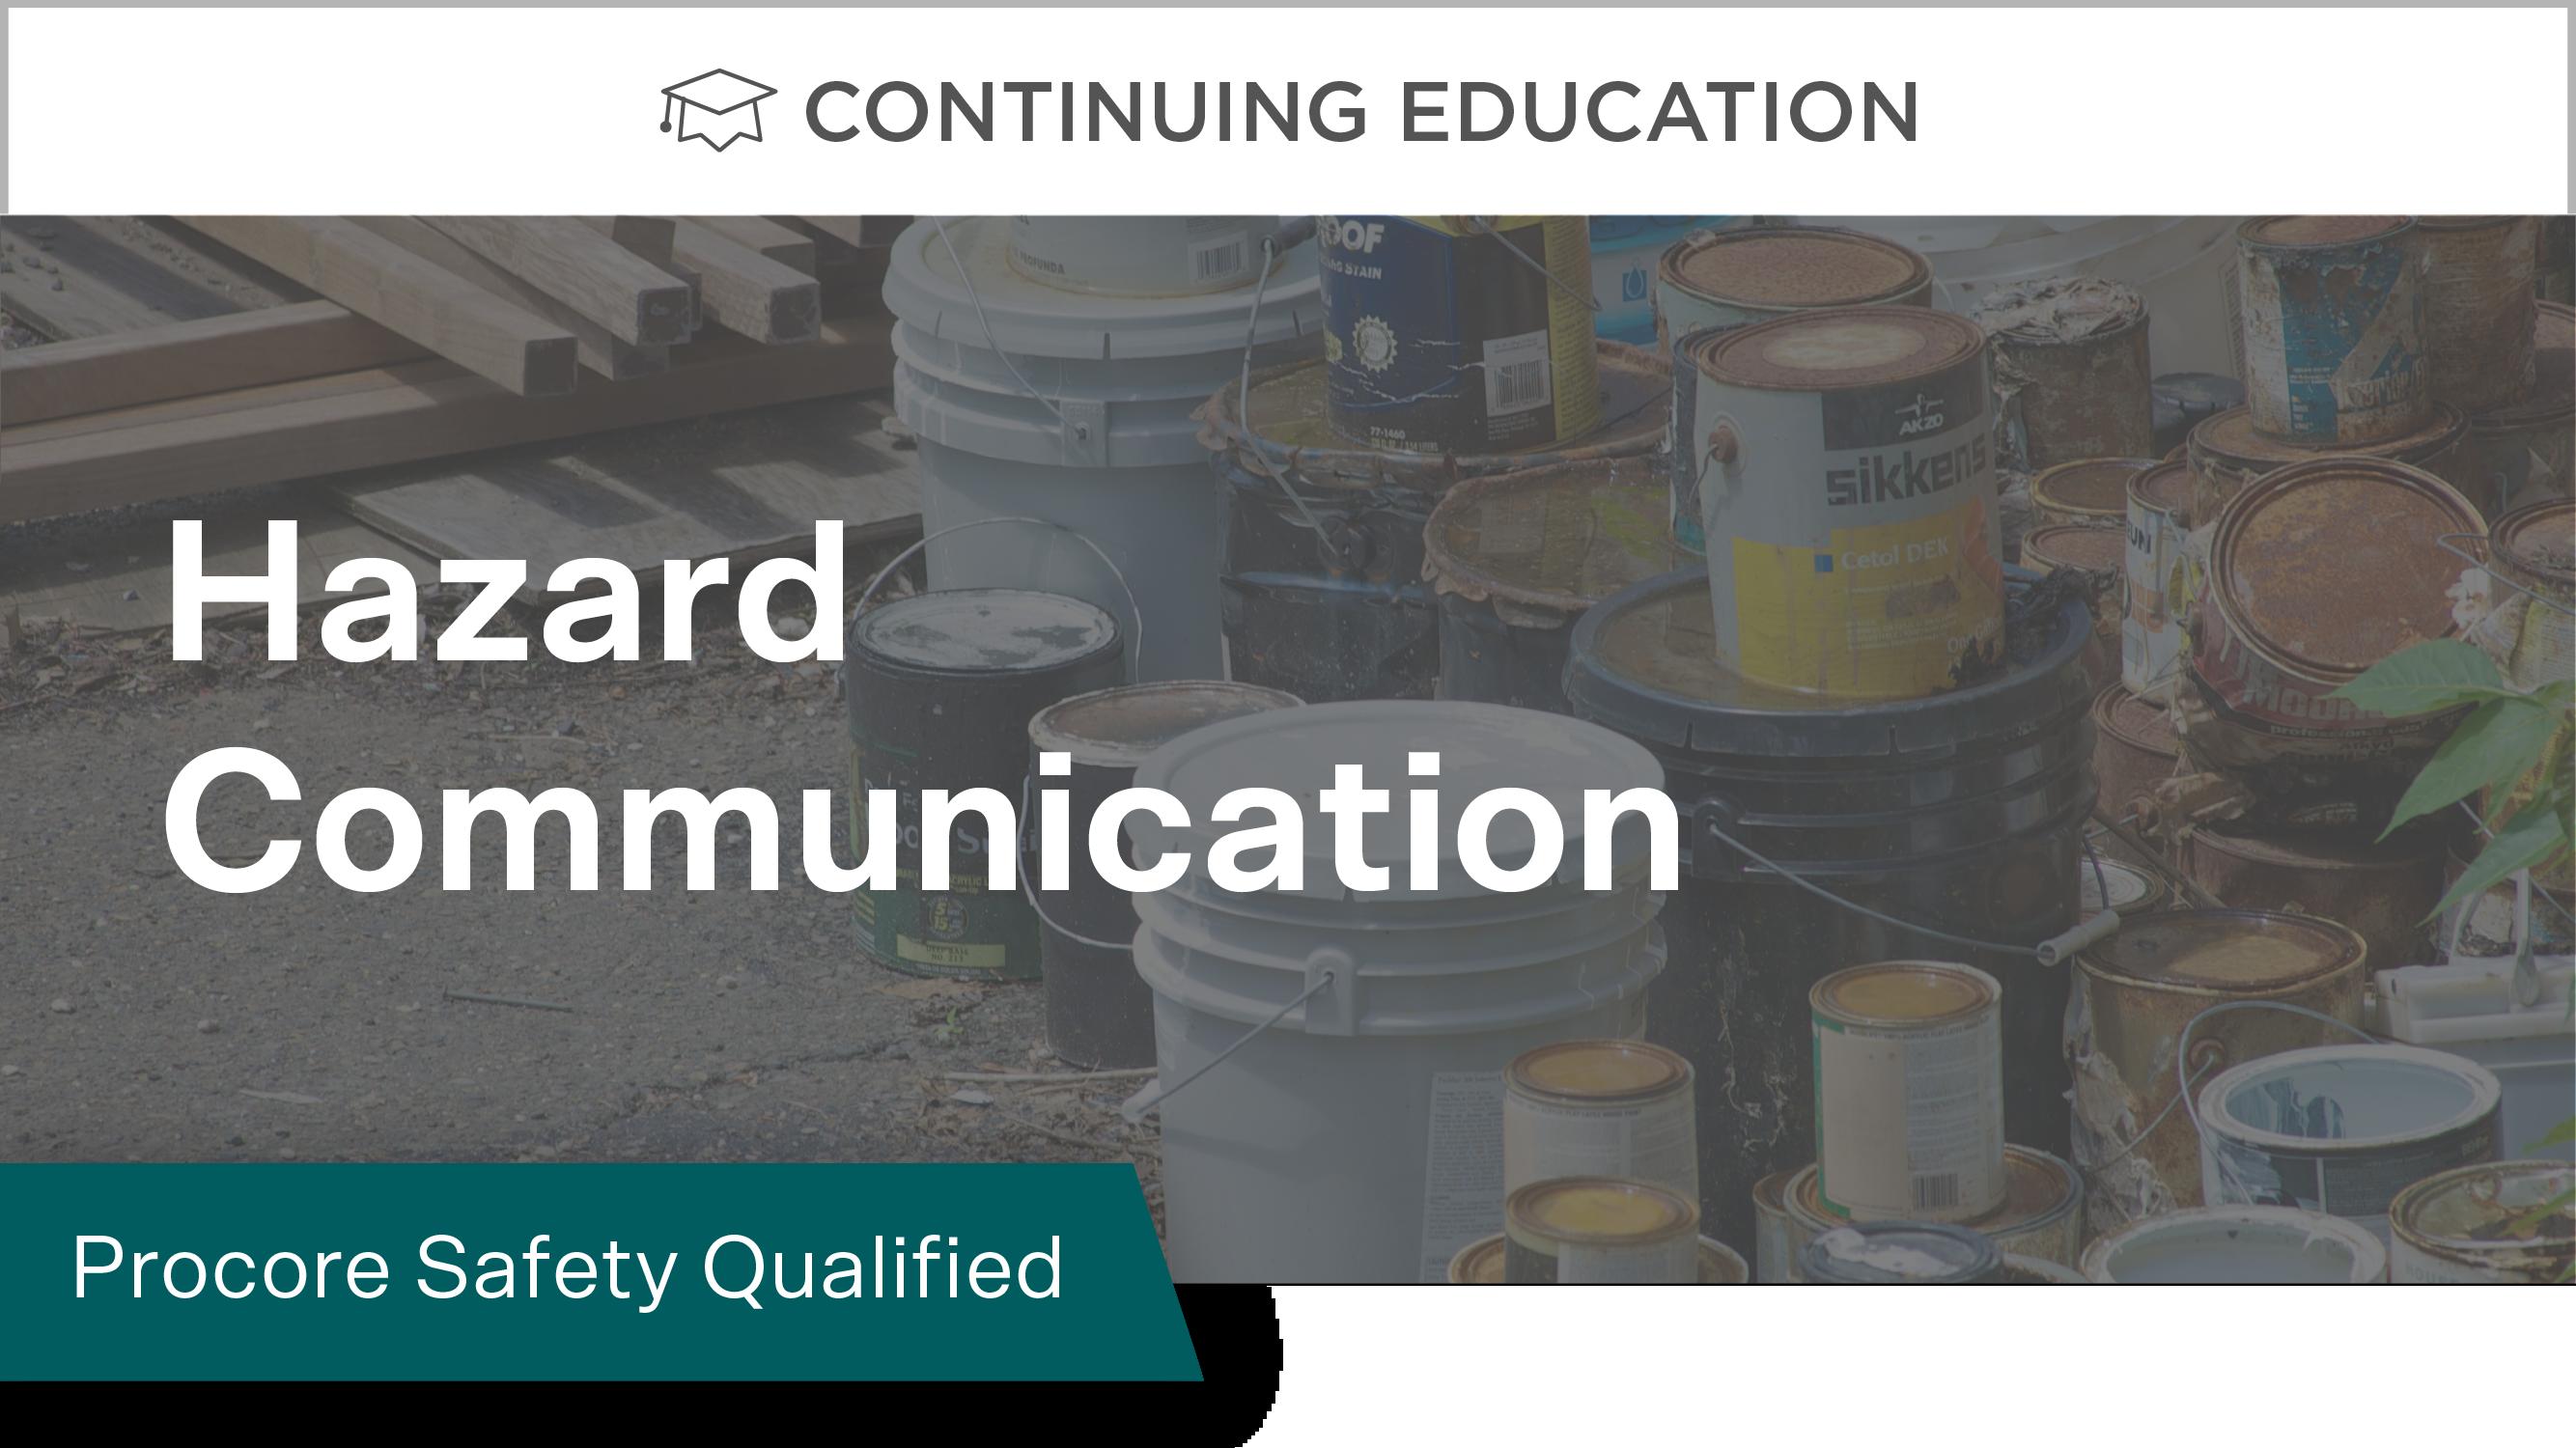 Procore Safety Qualified: Hazard Communication